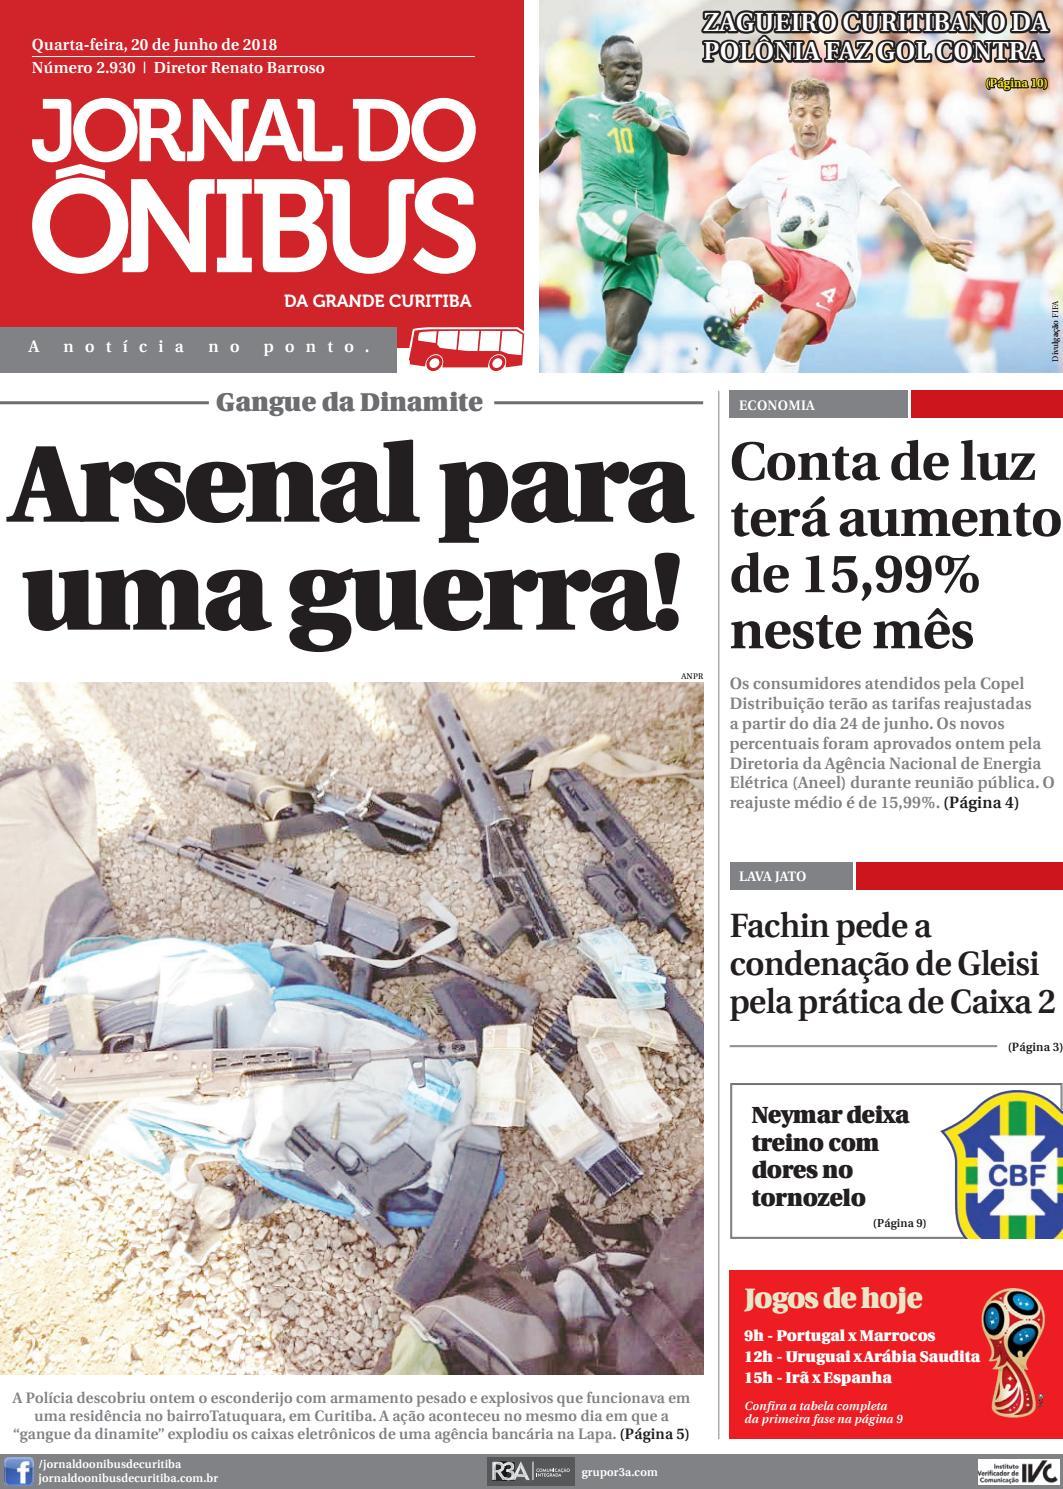 Jornal do Ônibus de Curitiba - 20 06 18 by Editora Correio Paranaense -  issuu 1b469c23c13